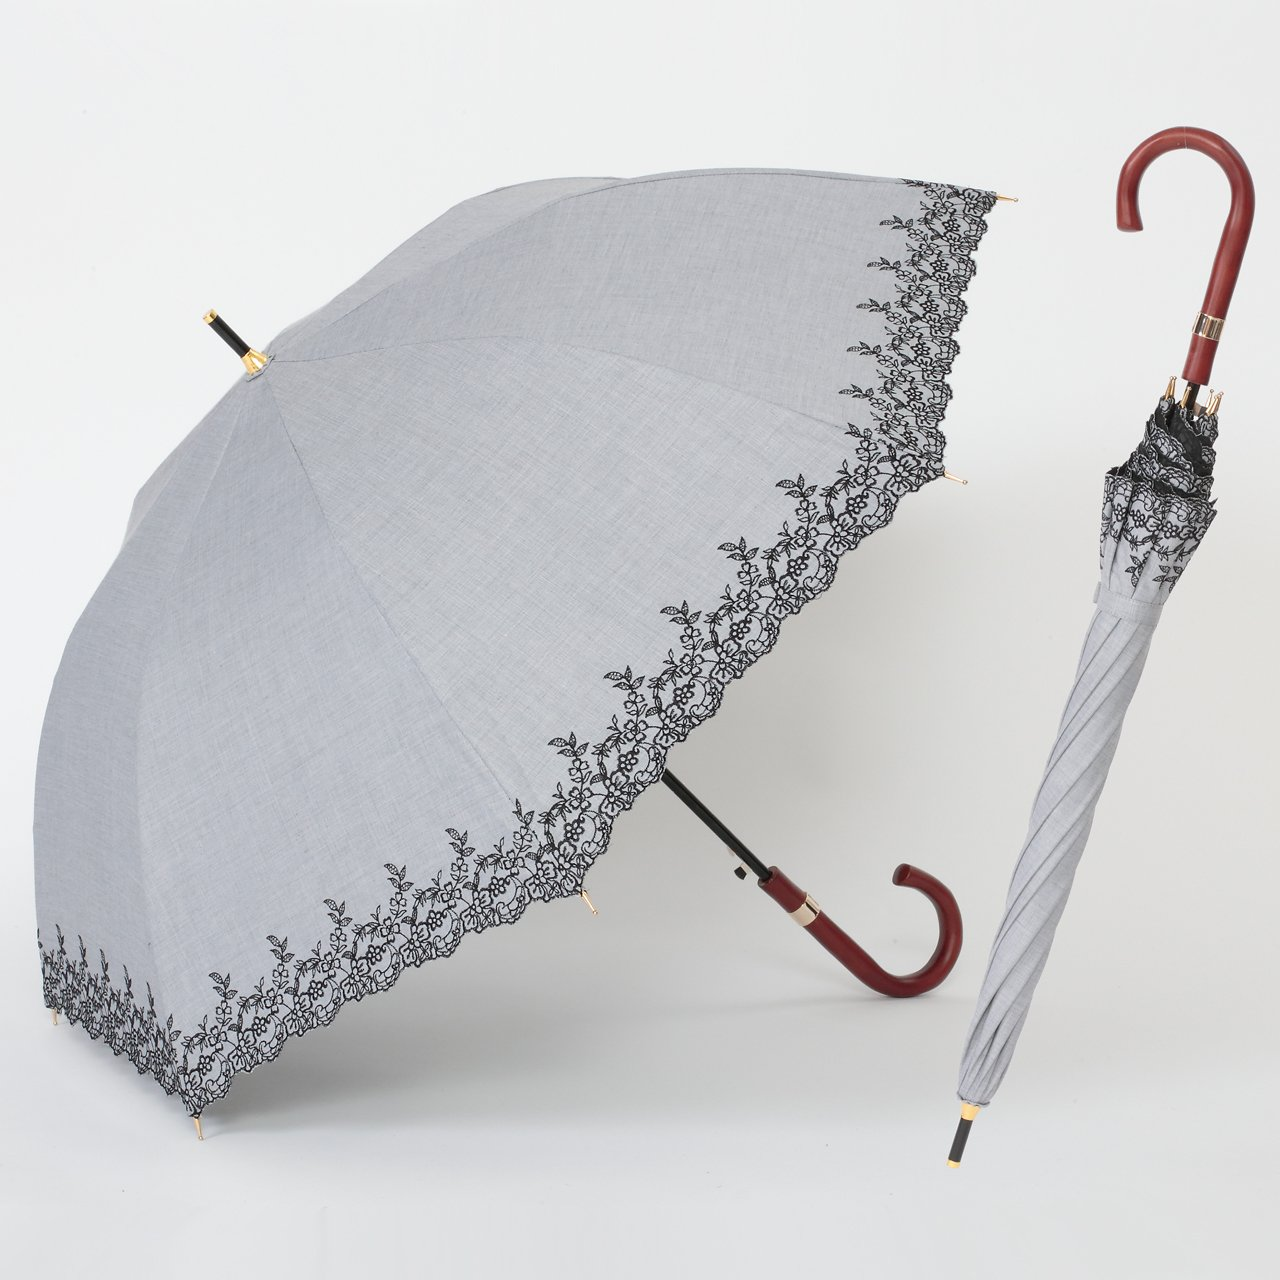 UV遮熱遮光ジャンプ傘 花柄 グレー 晴雨兼用 遮光1級 日傘 【LIEBEN-1518】 クールプラス B01DZRTFFK